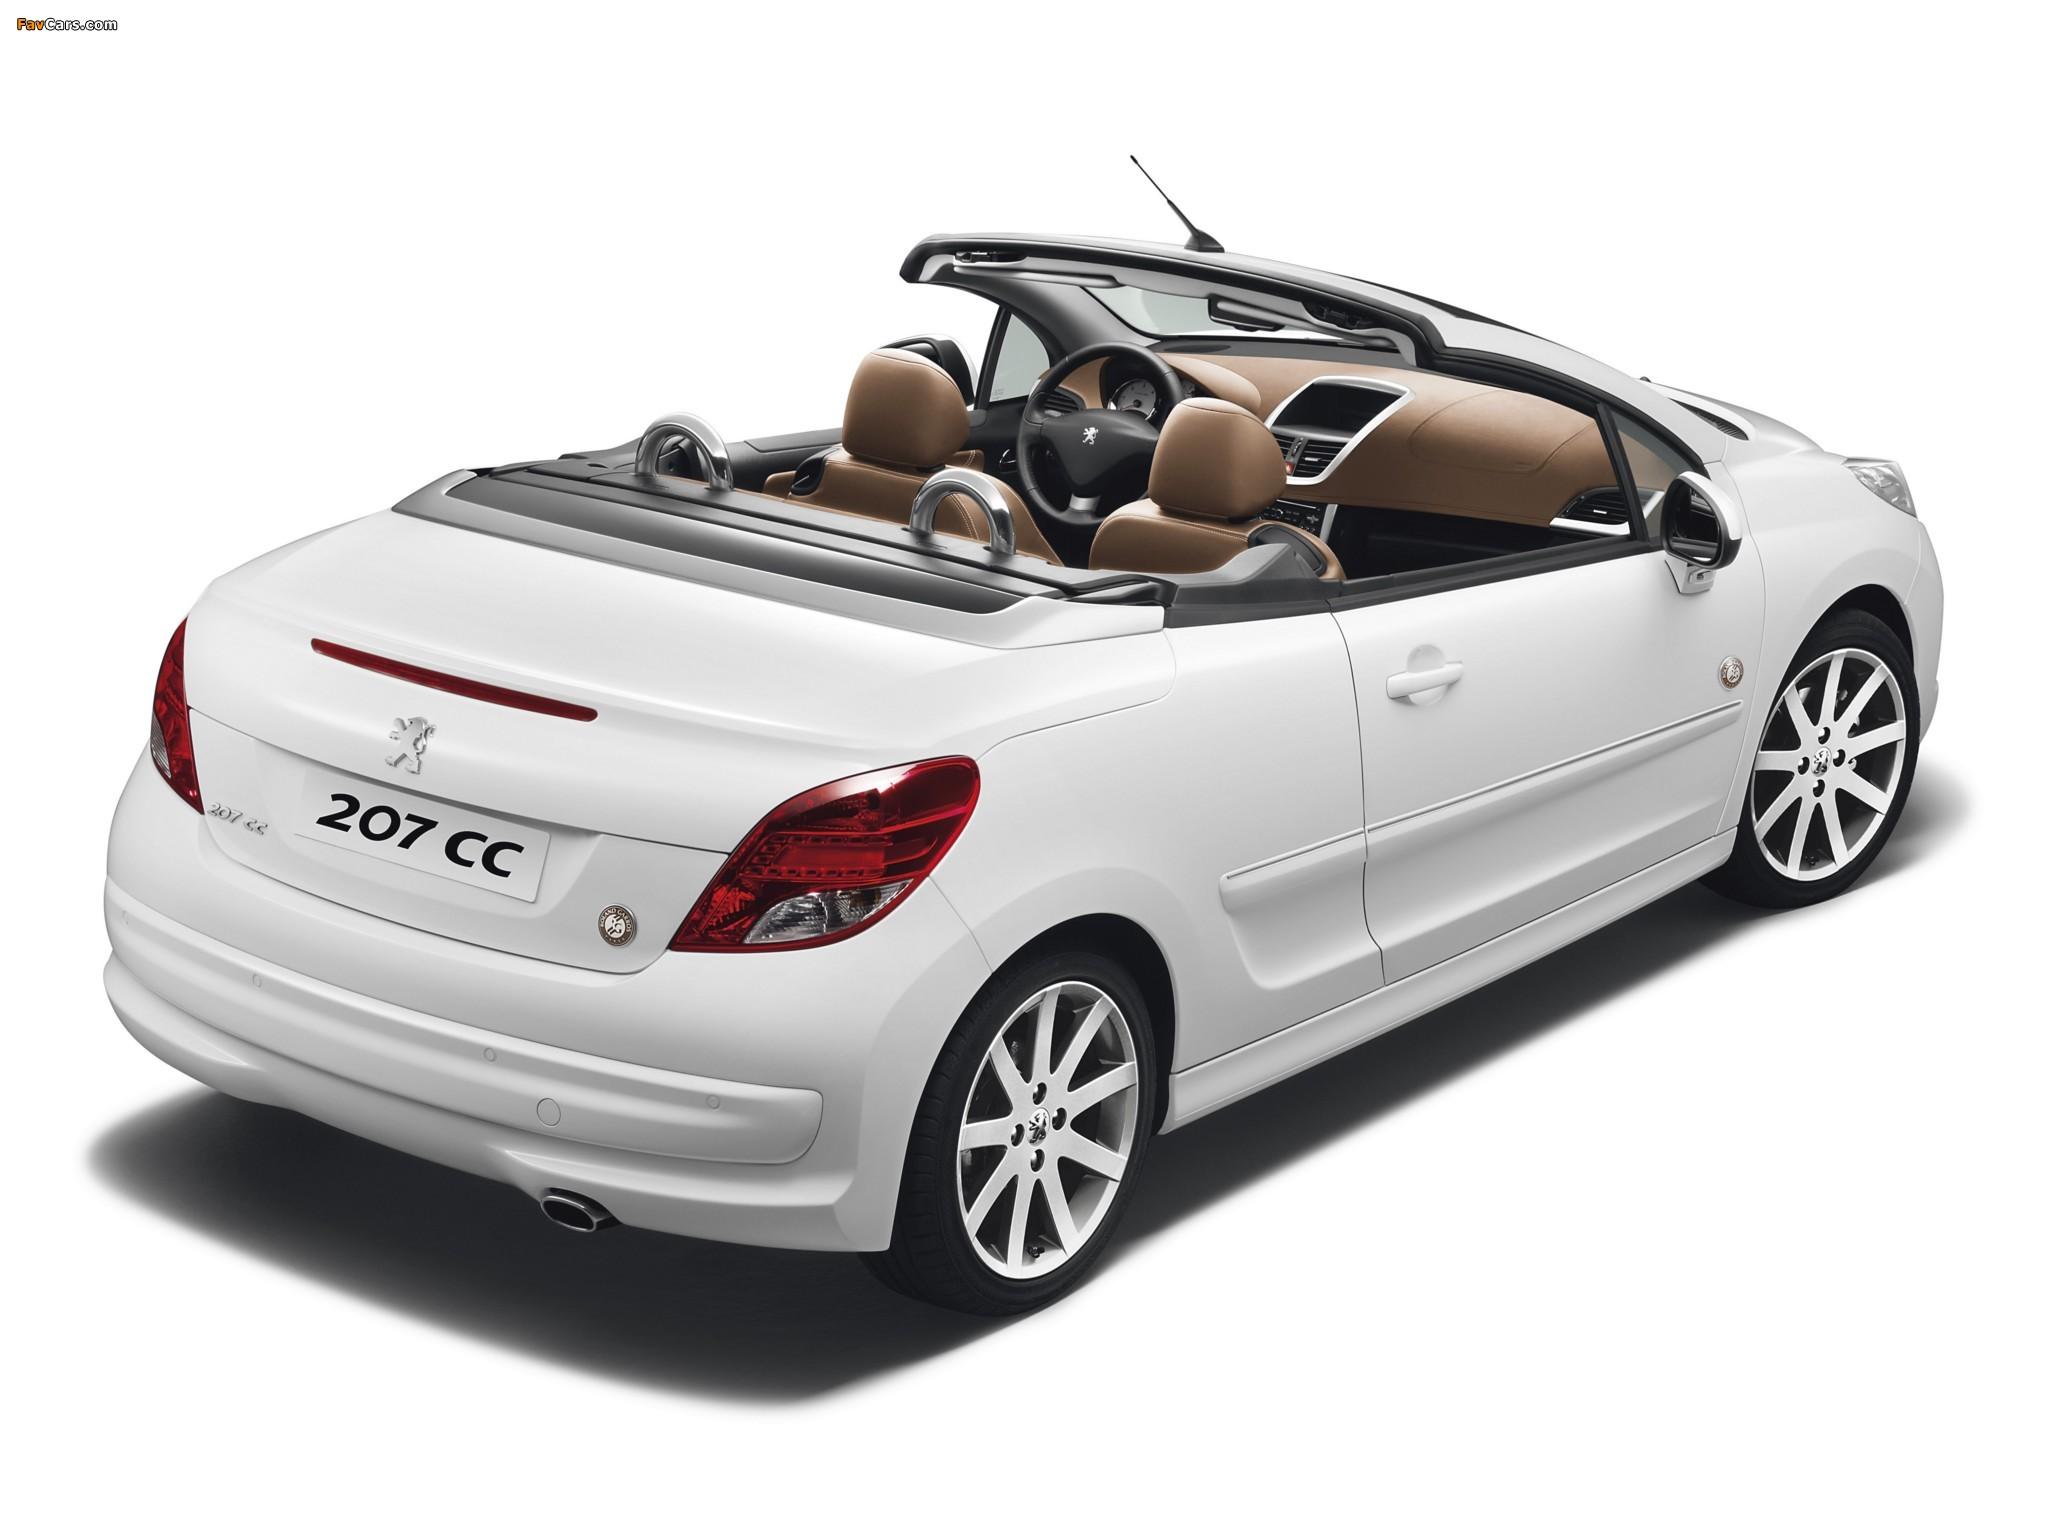 Peugeot 207 CC Roland Garros 2011 images (2048 x 1536)